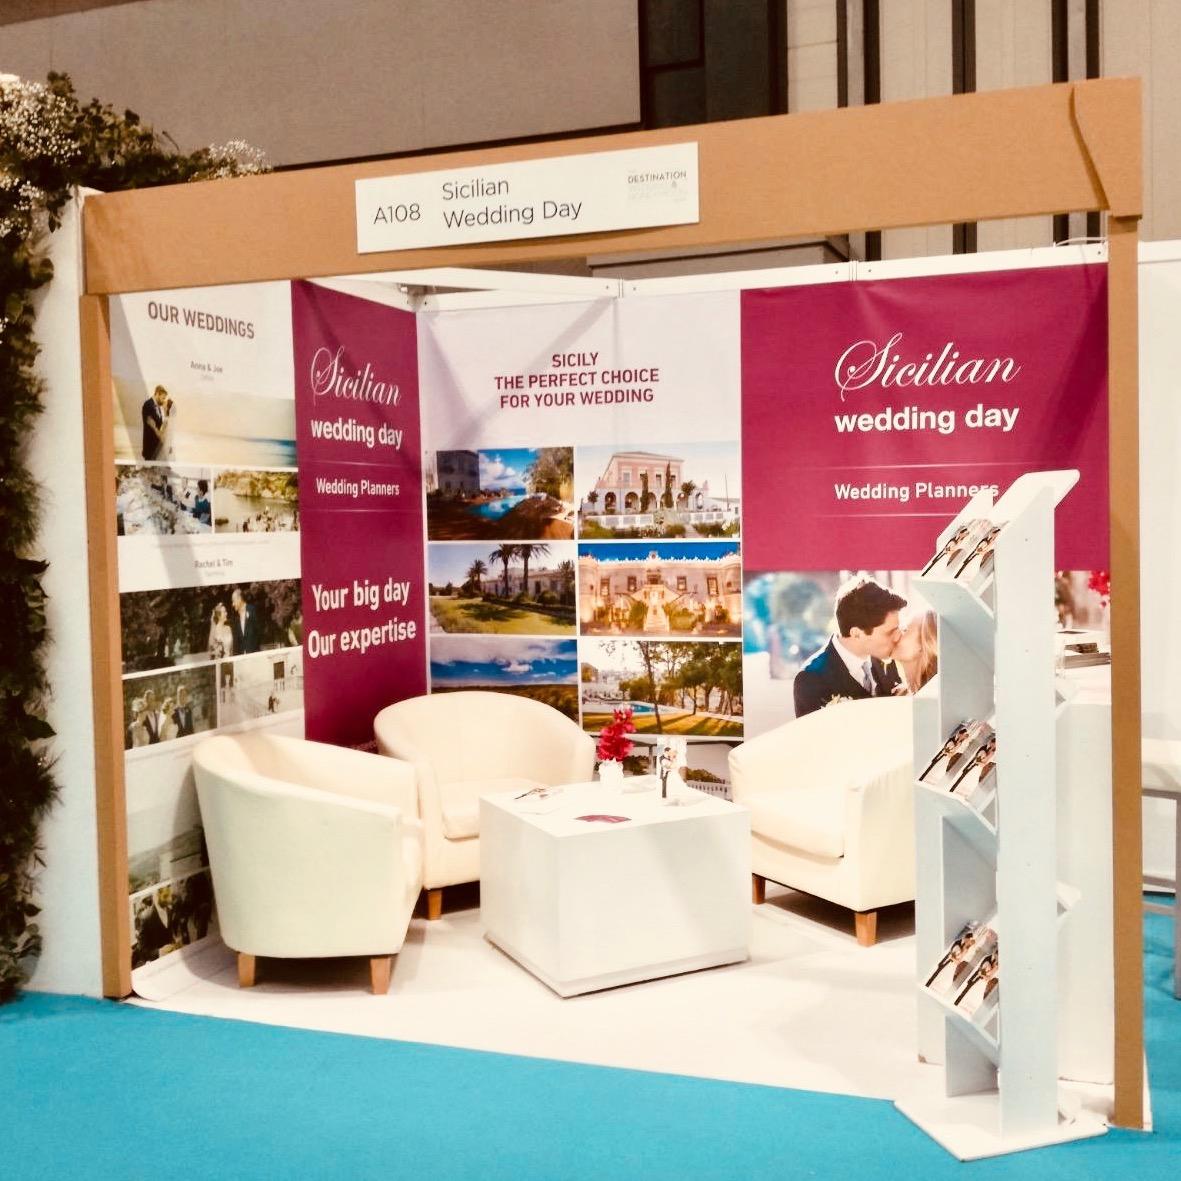 Sicilian Wedding Day exhibition stand